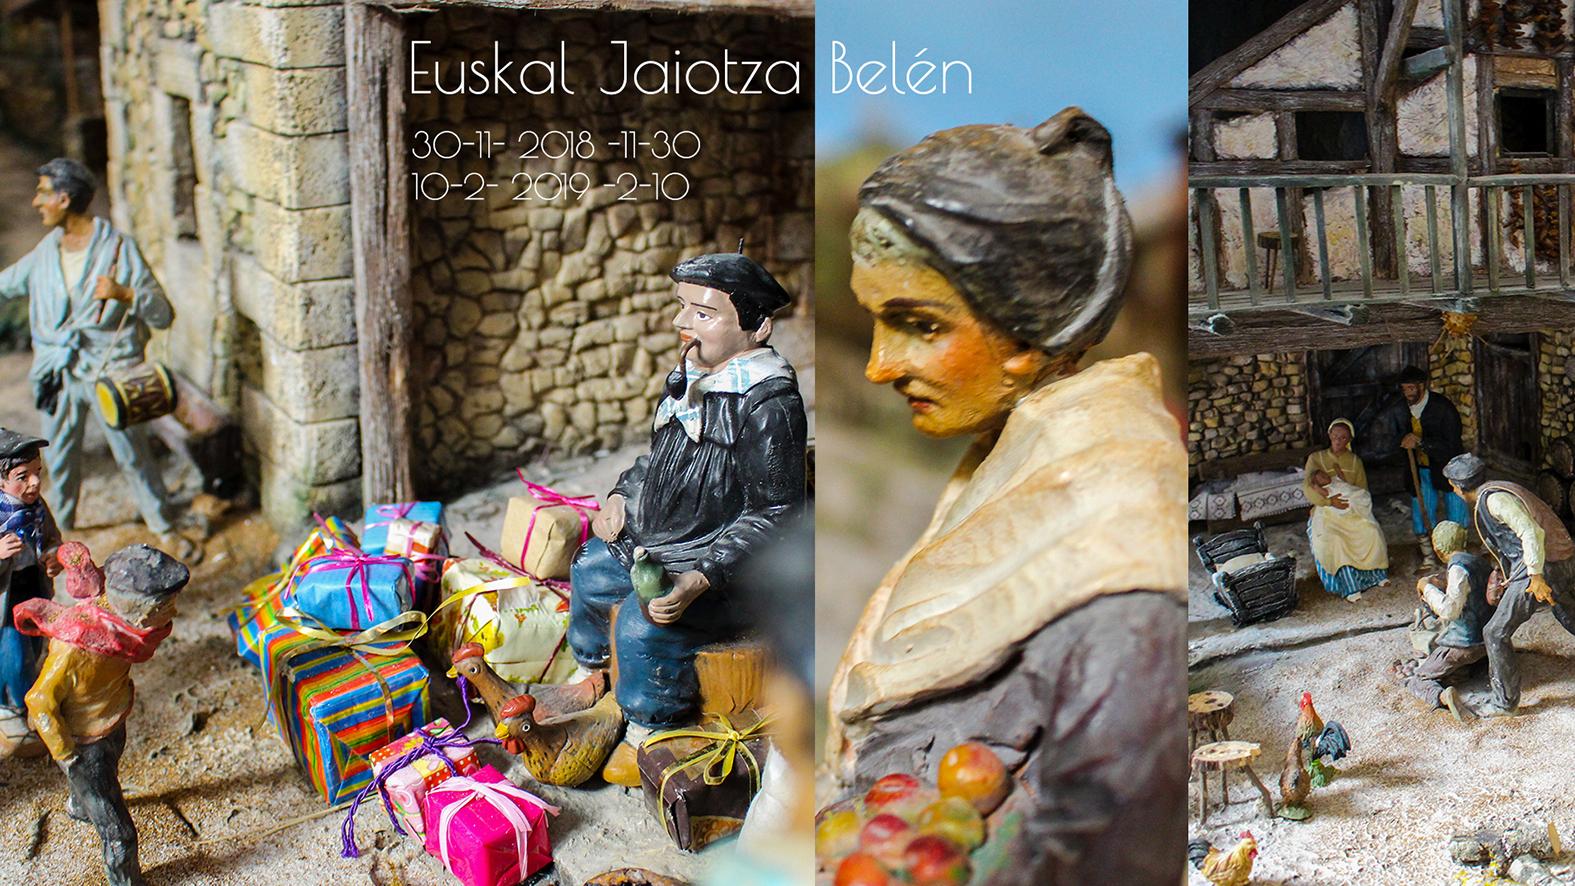 Euskal Jaiotza erraldoia Euskal Museora itzuliko da Gabonetan, protagonisten artean Olentzero duela